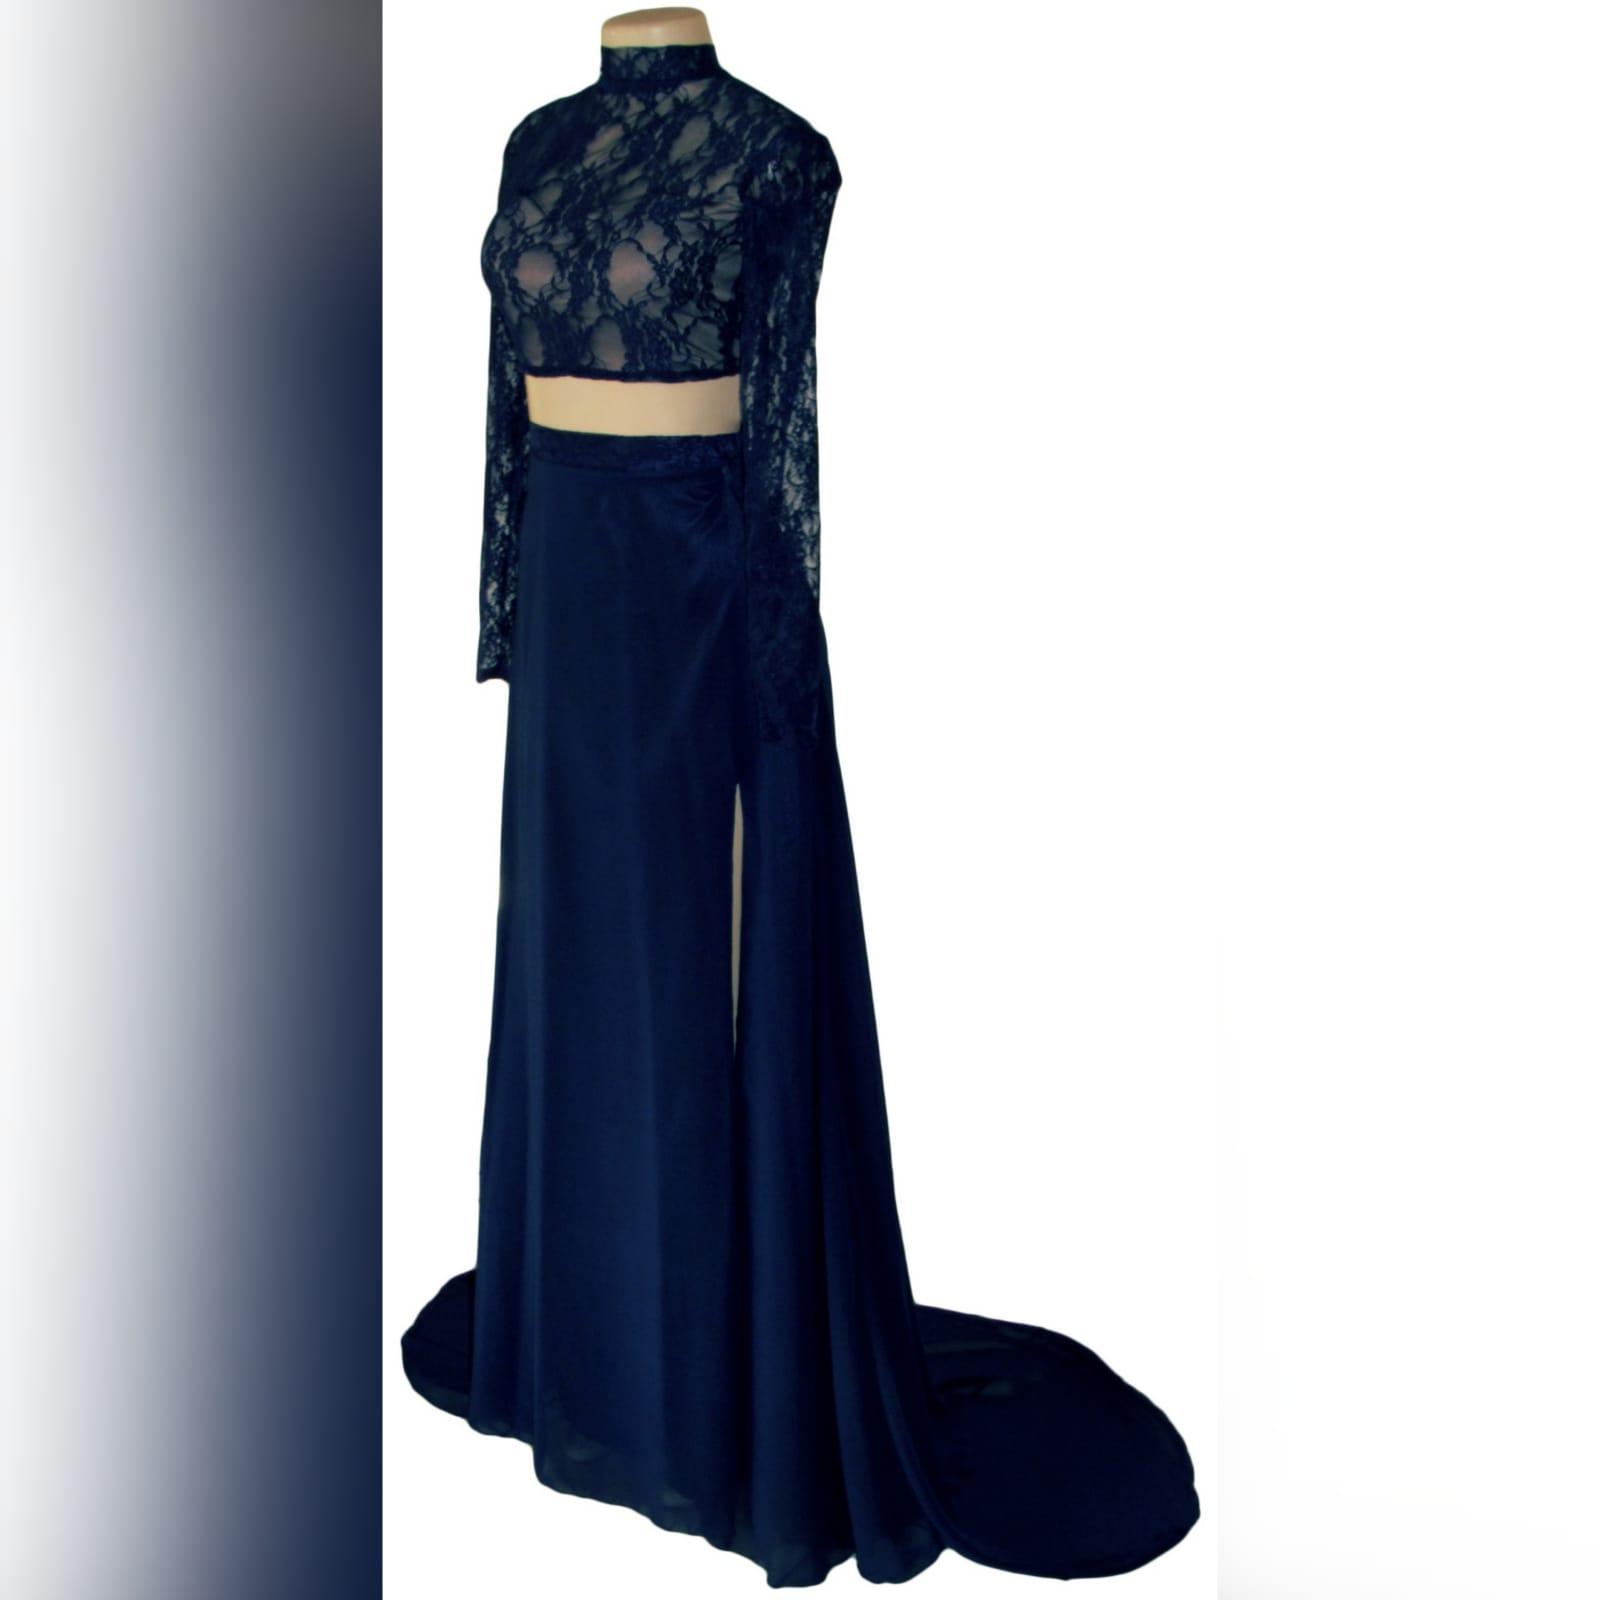 Vestido de finalistas azul marinho de 2 peças 6 vestido de finalistas azul marinho de 2 peças de renda. Com mangas longas de renda translucida e saia traseira aberta fluida com alta racha e uma cauda.